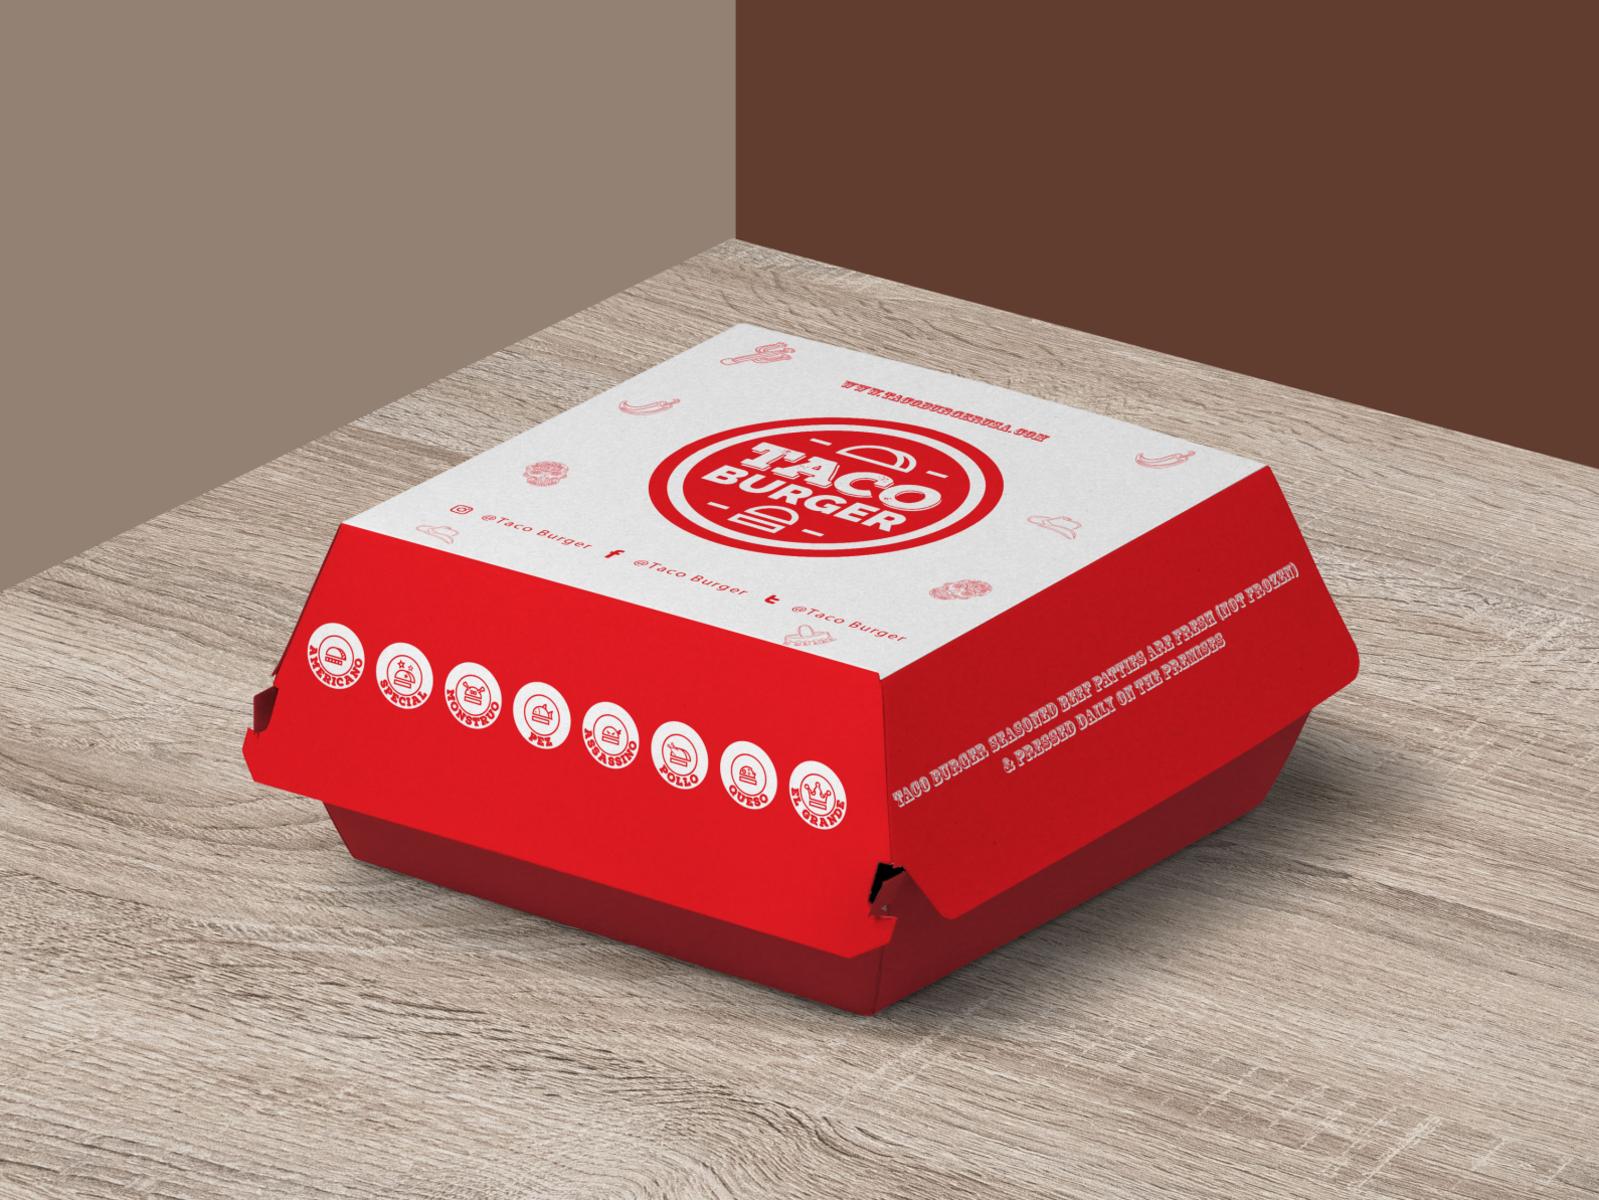 Dribbble Free Burger Packaging Mockup Psd Jpg By Musrat Jahan